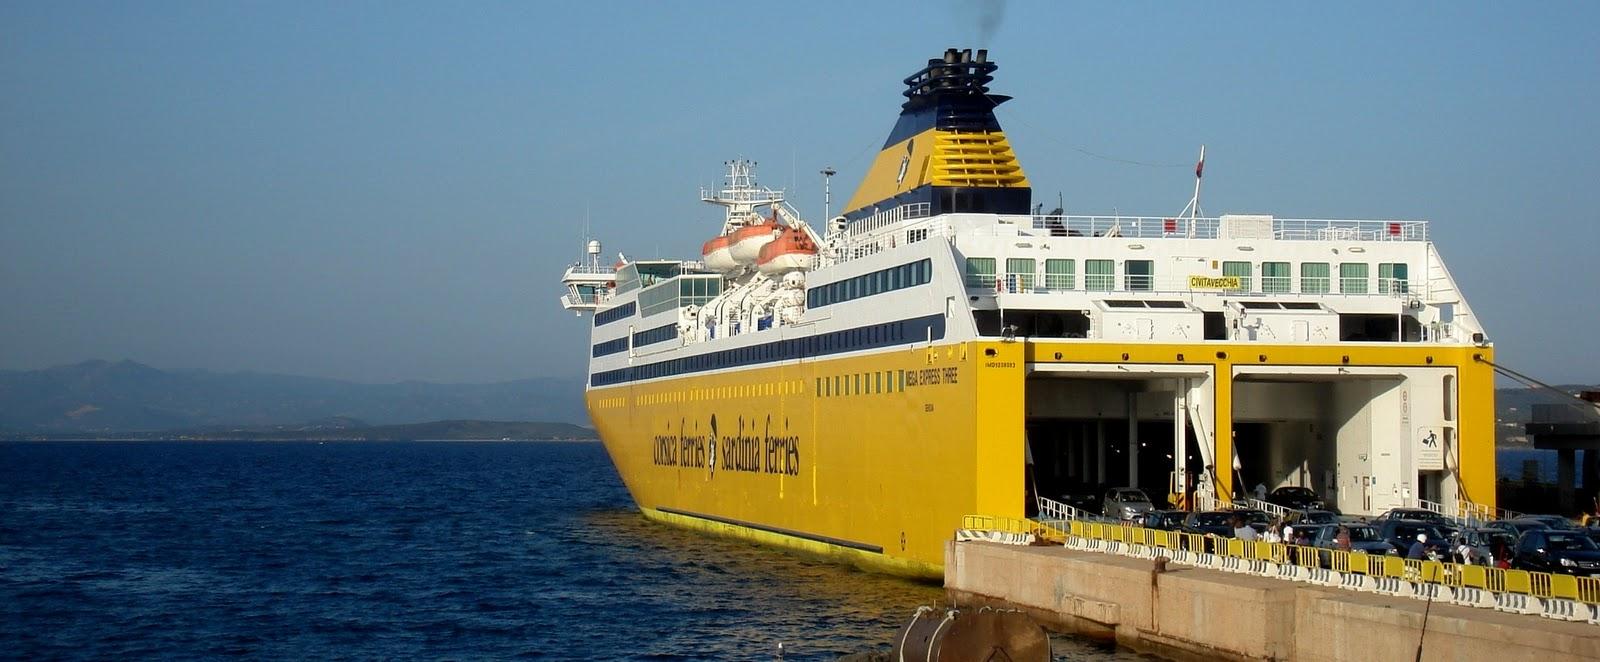 Sardegna anche sardinia ferries getta la spugna for Nave sardegna